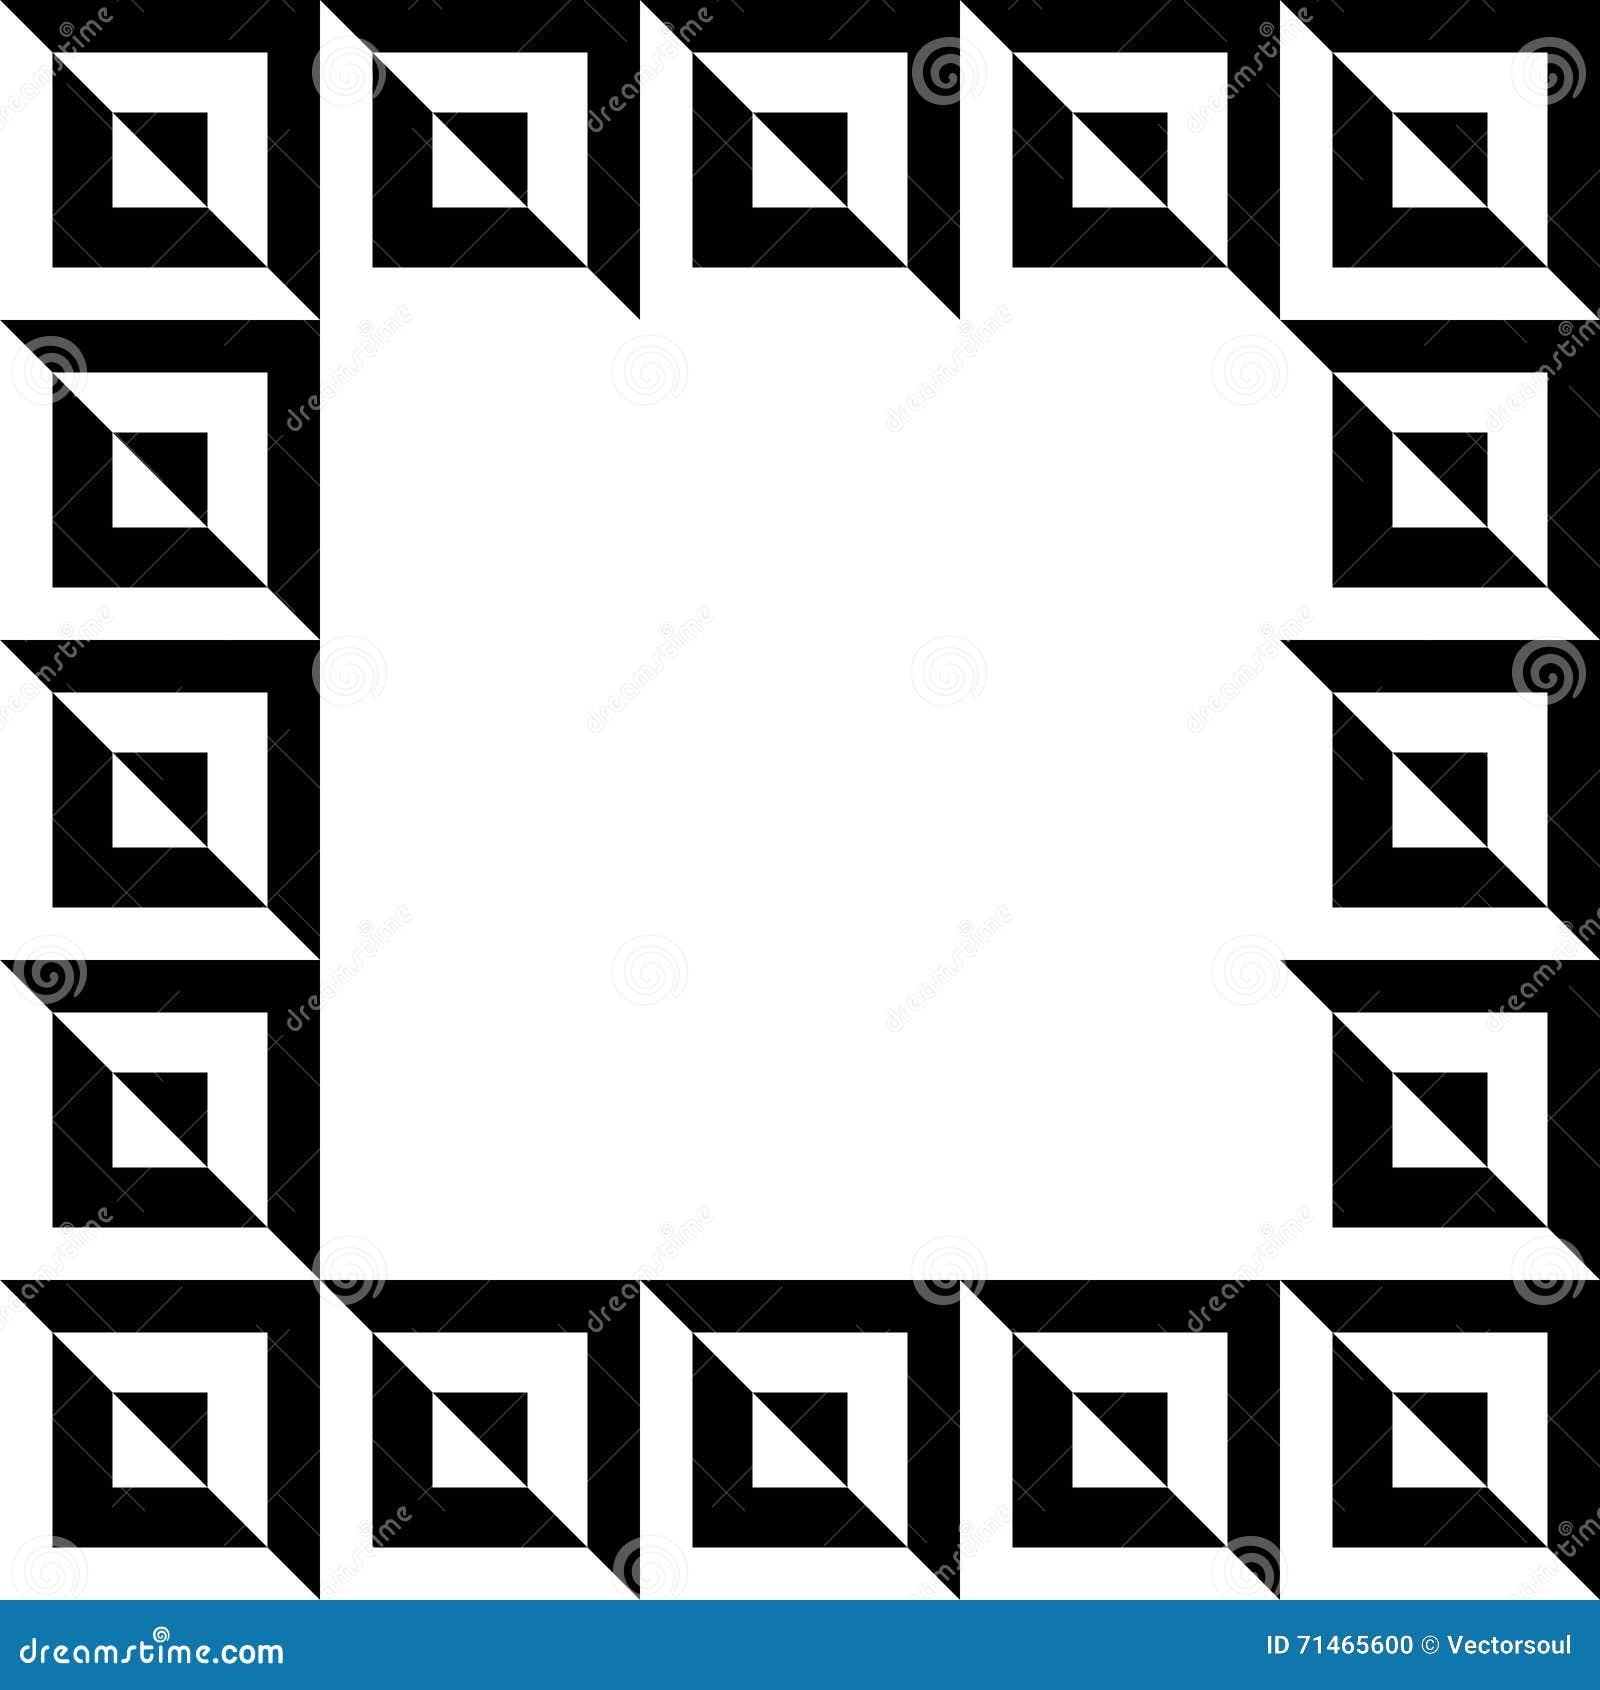 Immagine geometrica, struttura della foto nel formato squarish